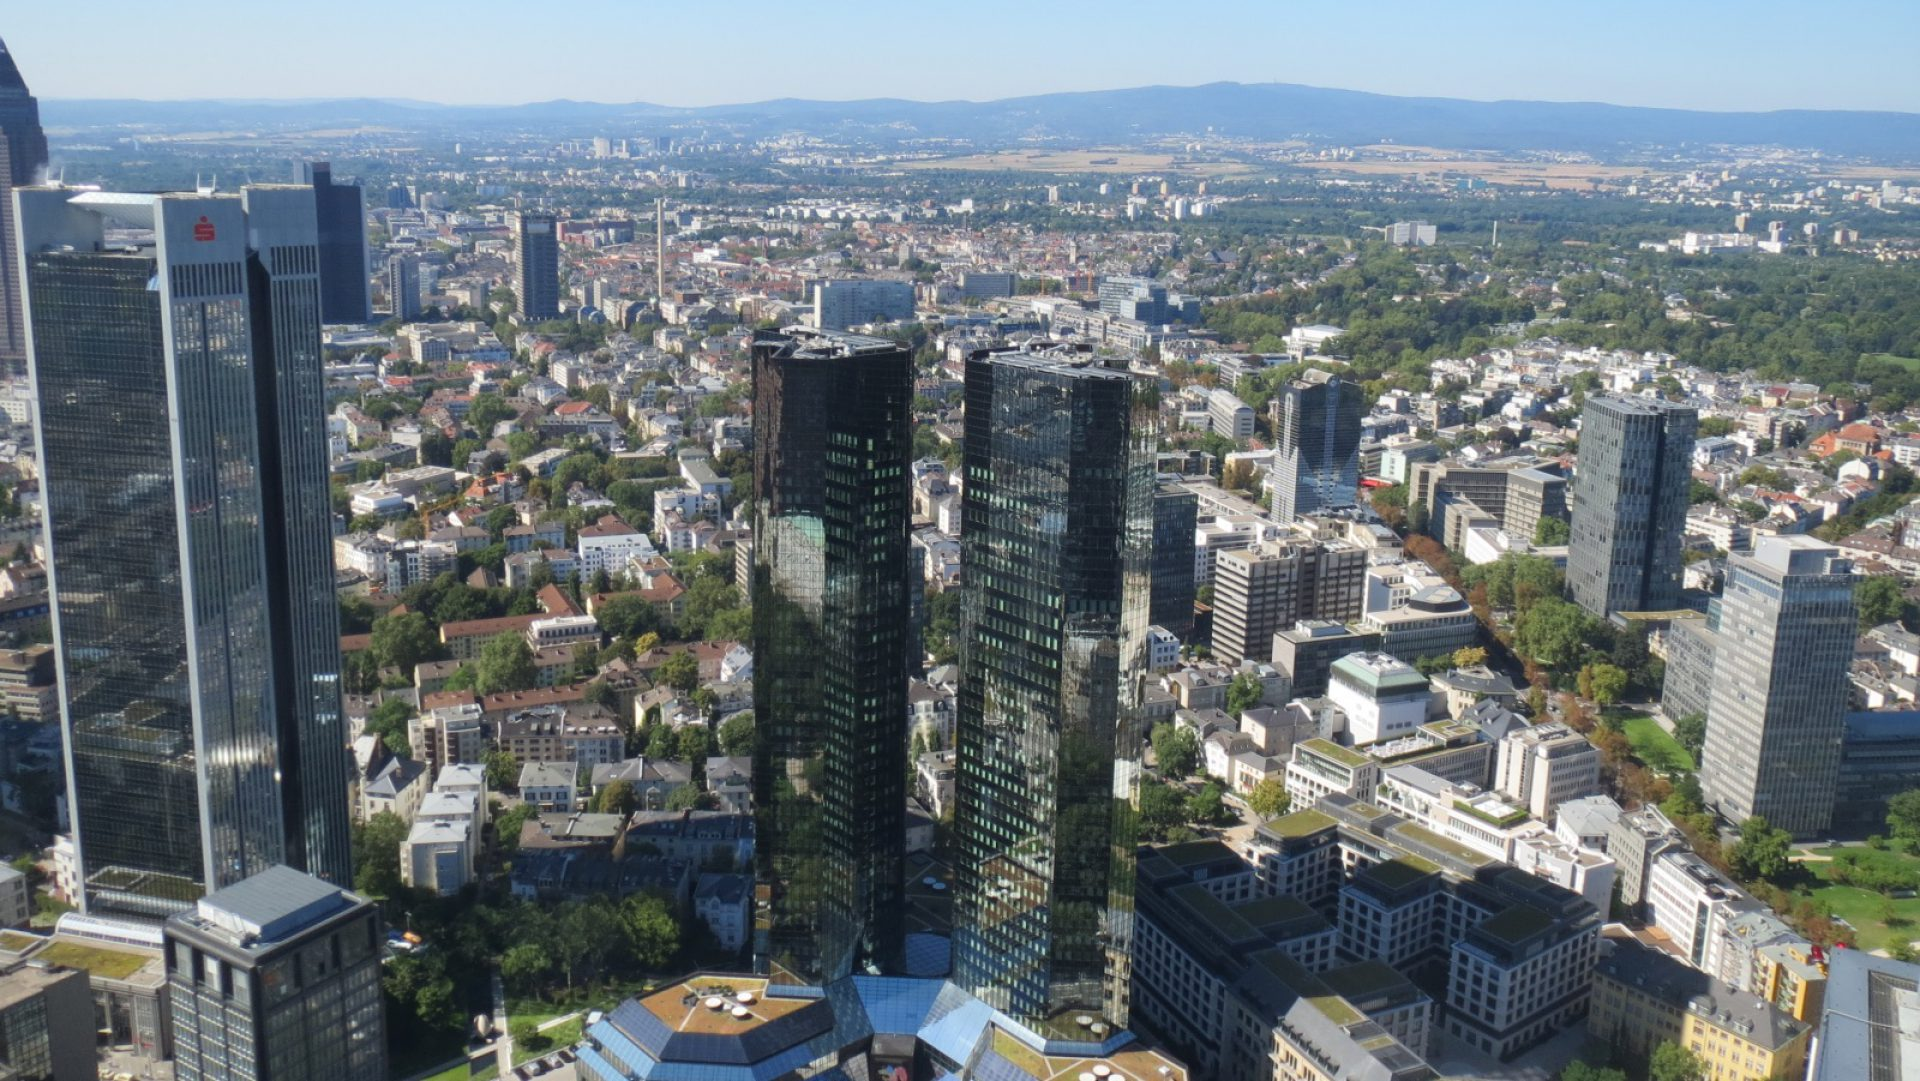 Accepta Gesellschaft für Haus- und Grundbesitz mbH